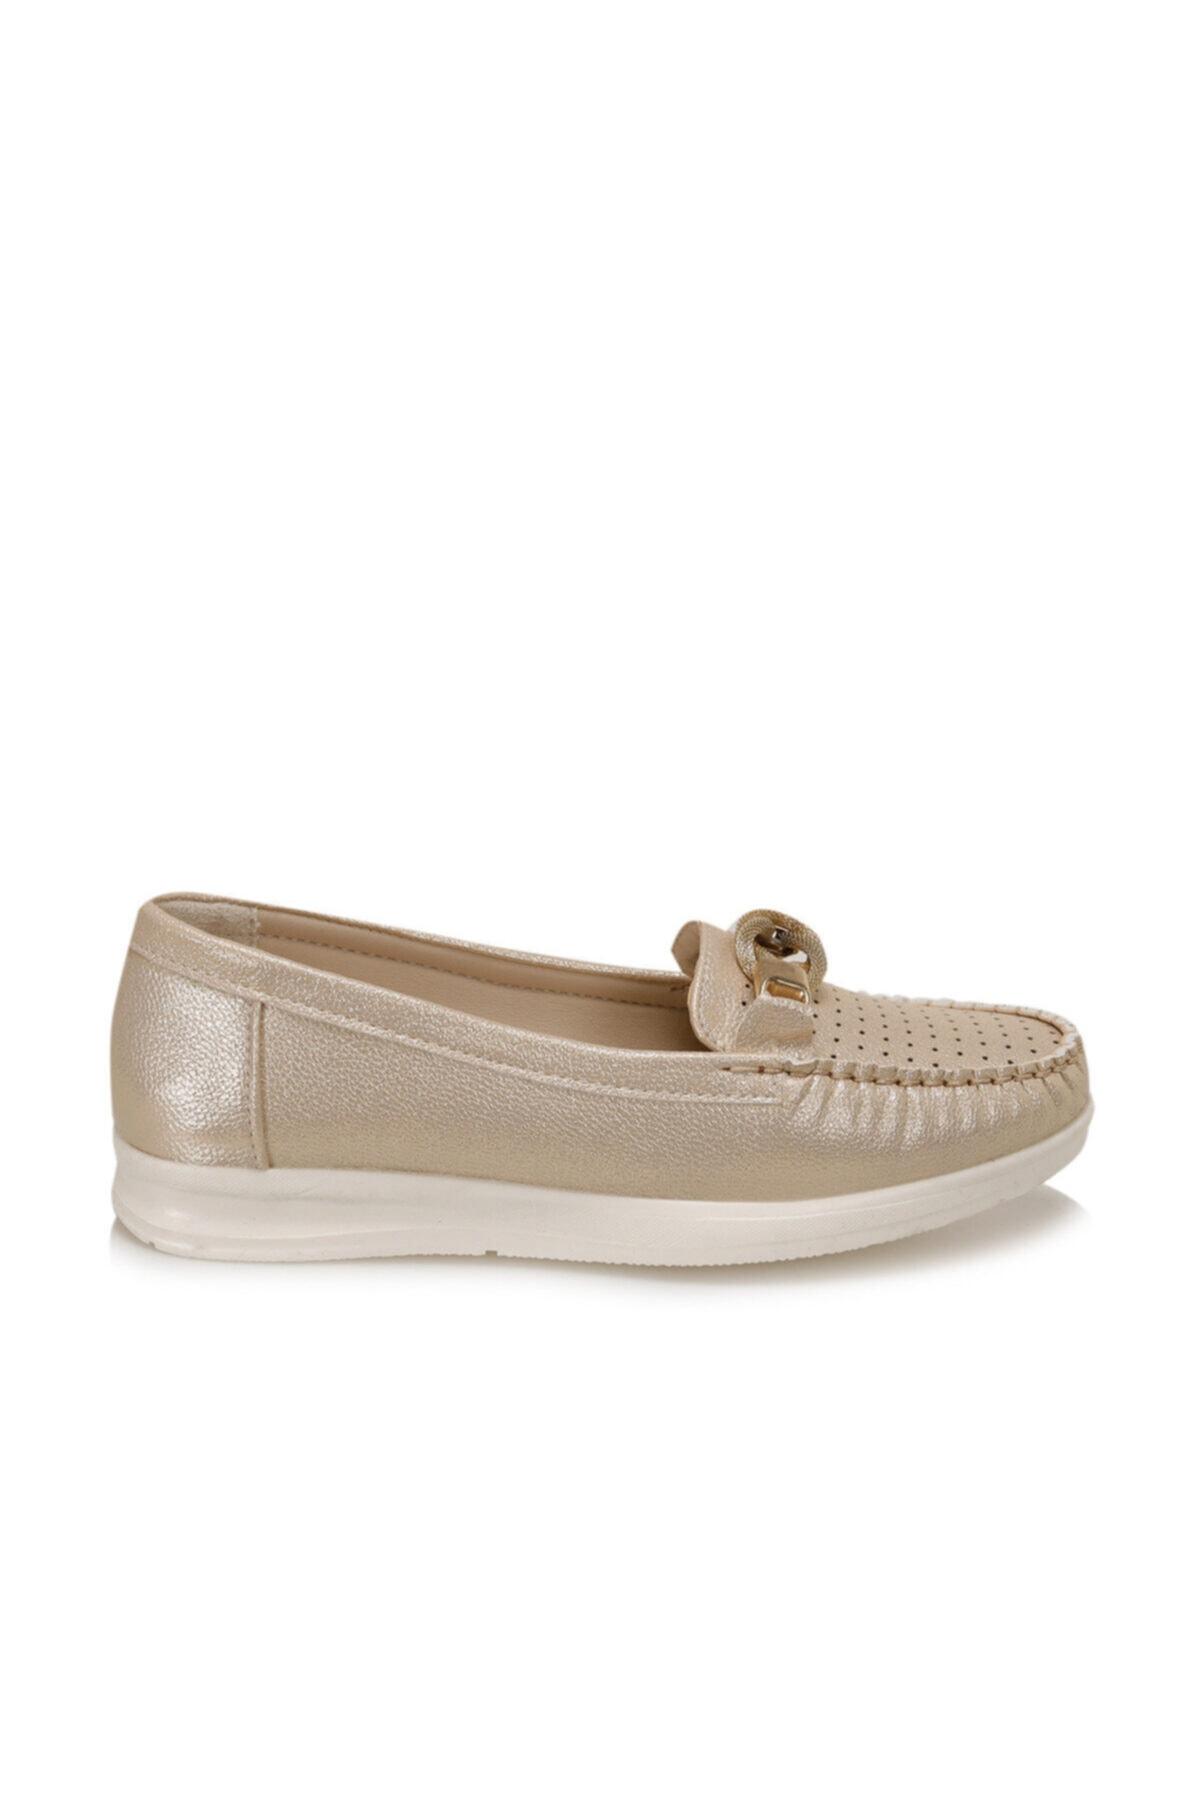 Polaris 161218.Z Altın Kadın Ayakkabı 100512243 2